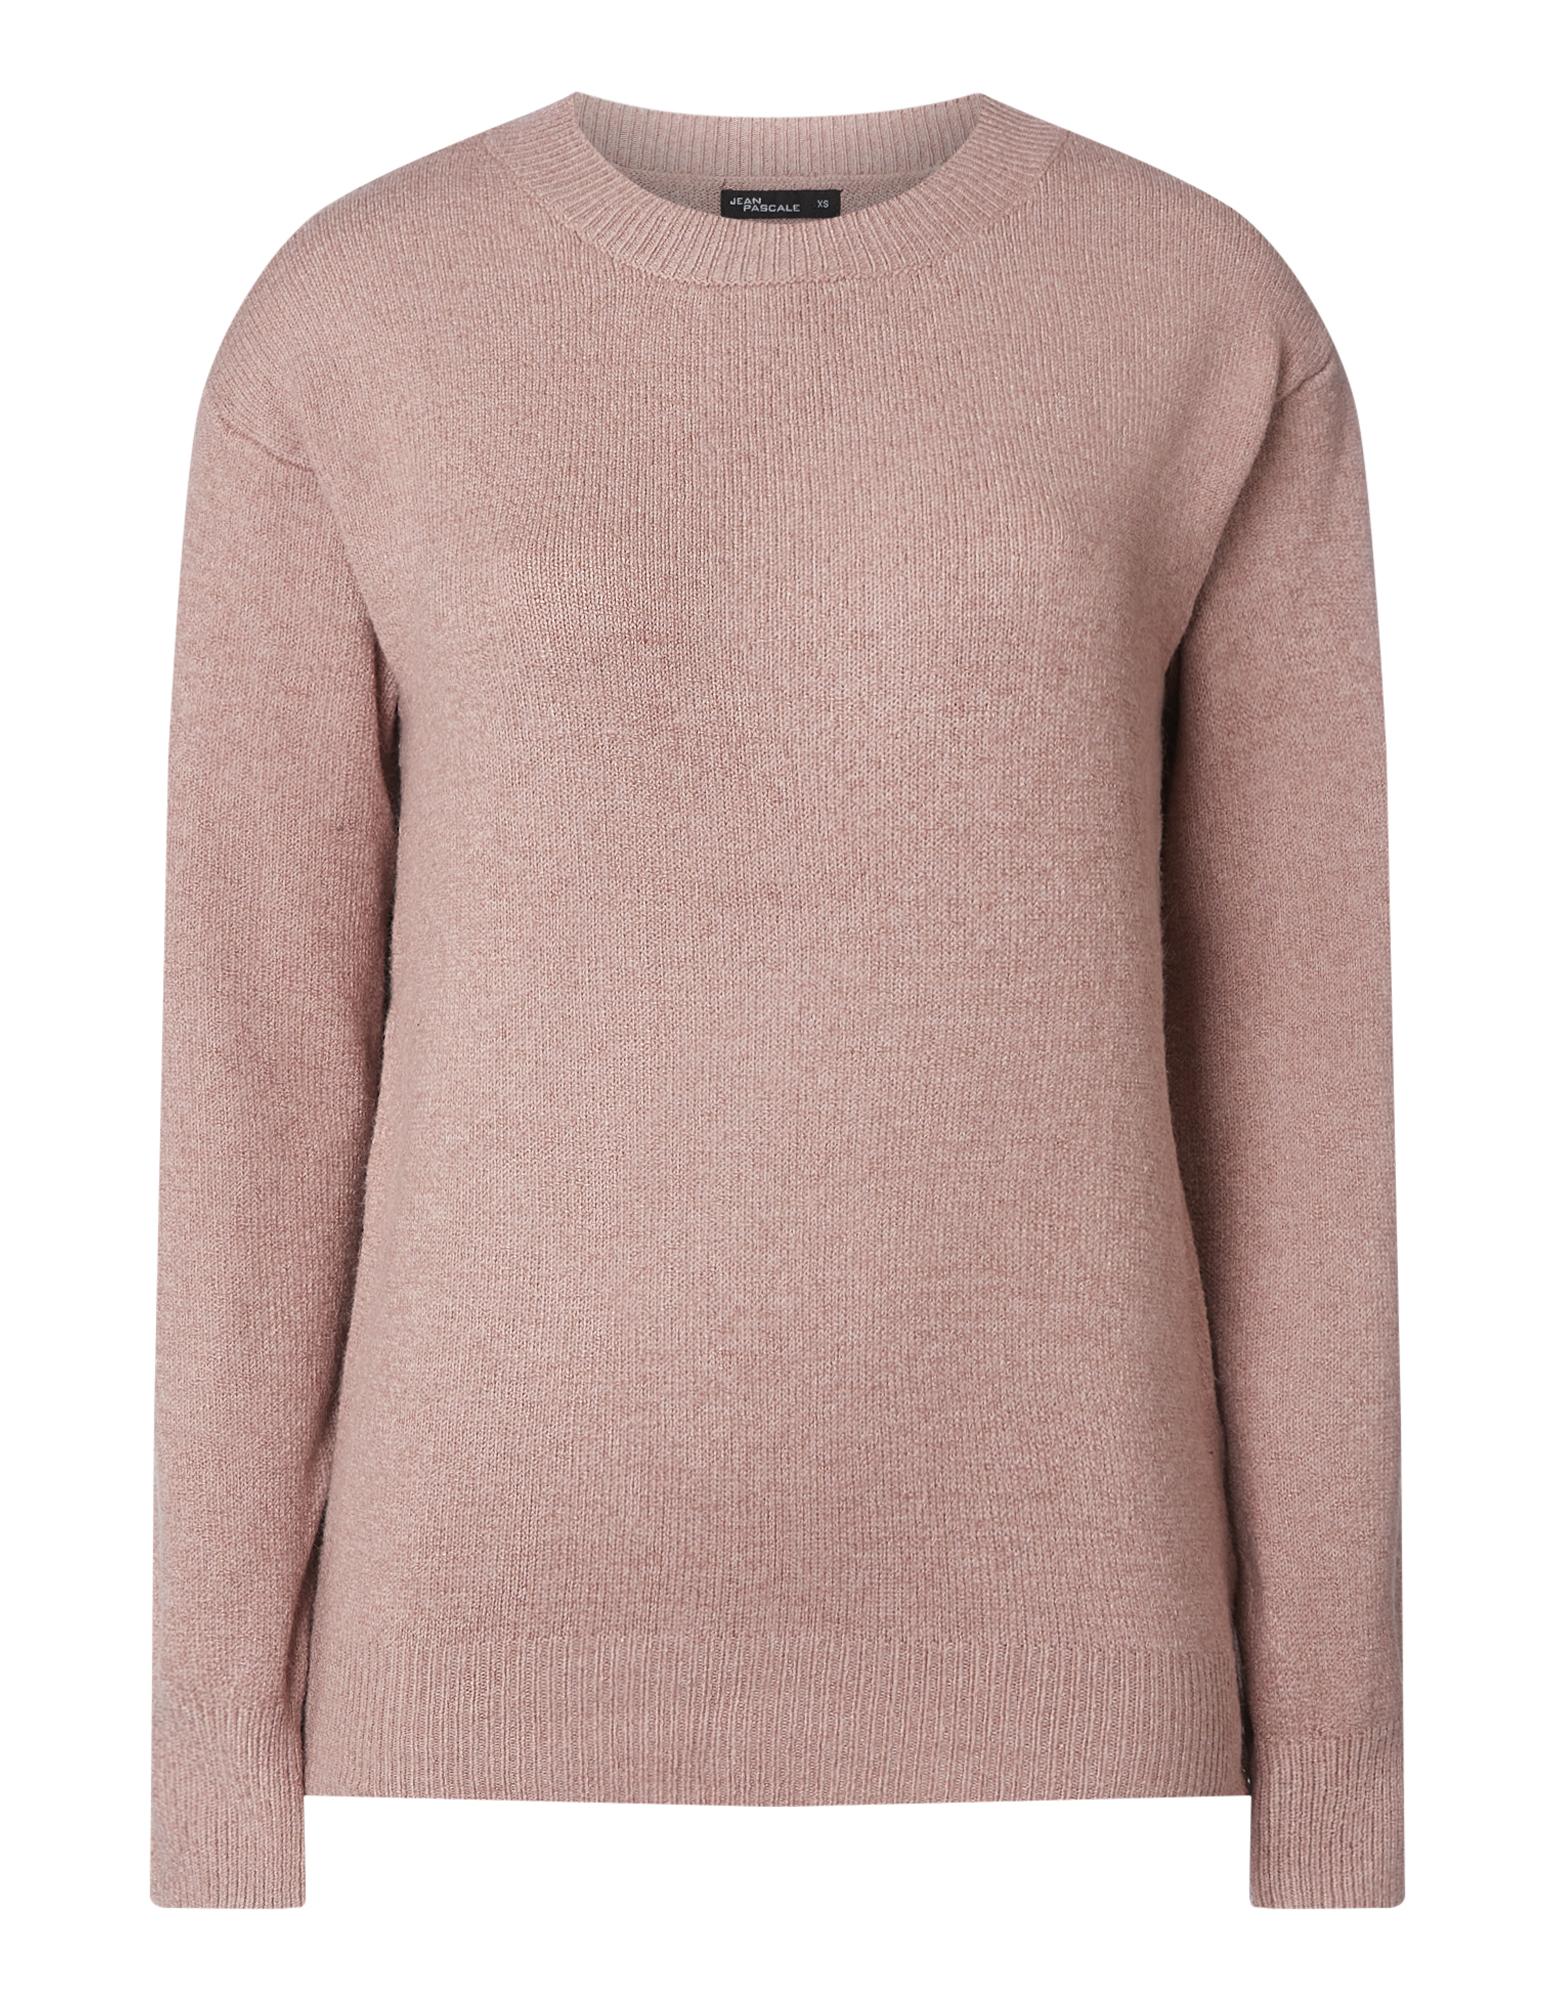 new styles dfe0e 5b7dd Damen Pullover mit Stehkragen - Takko Fashion